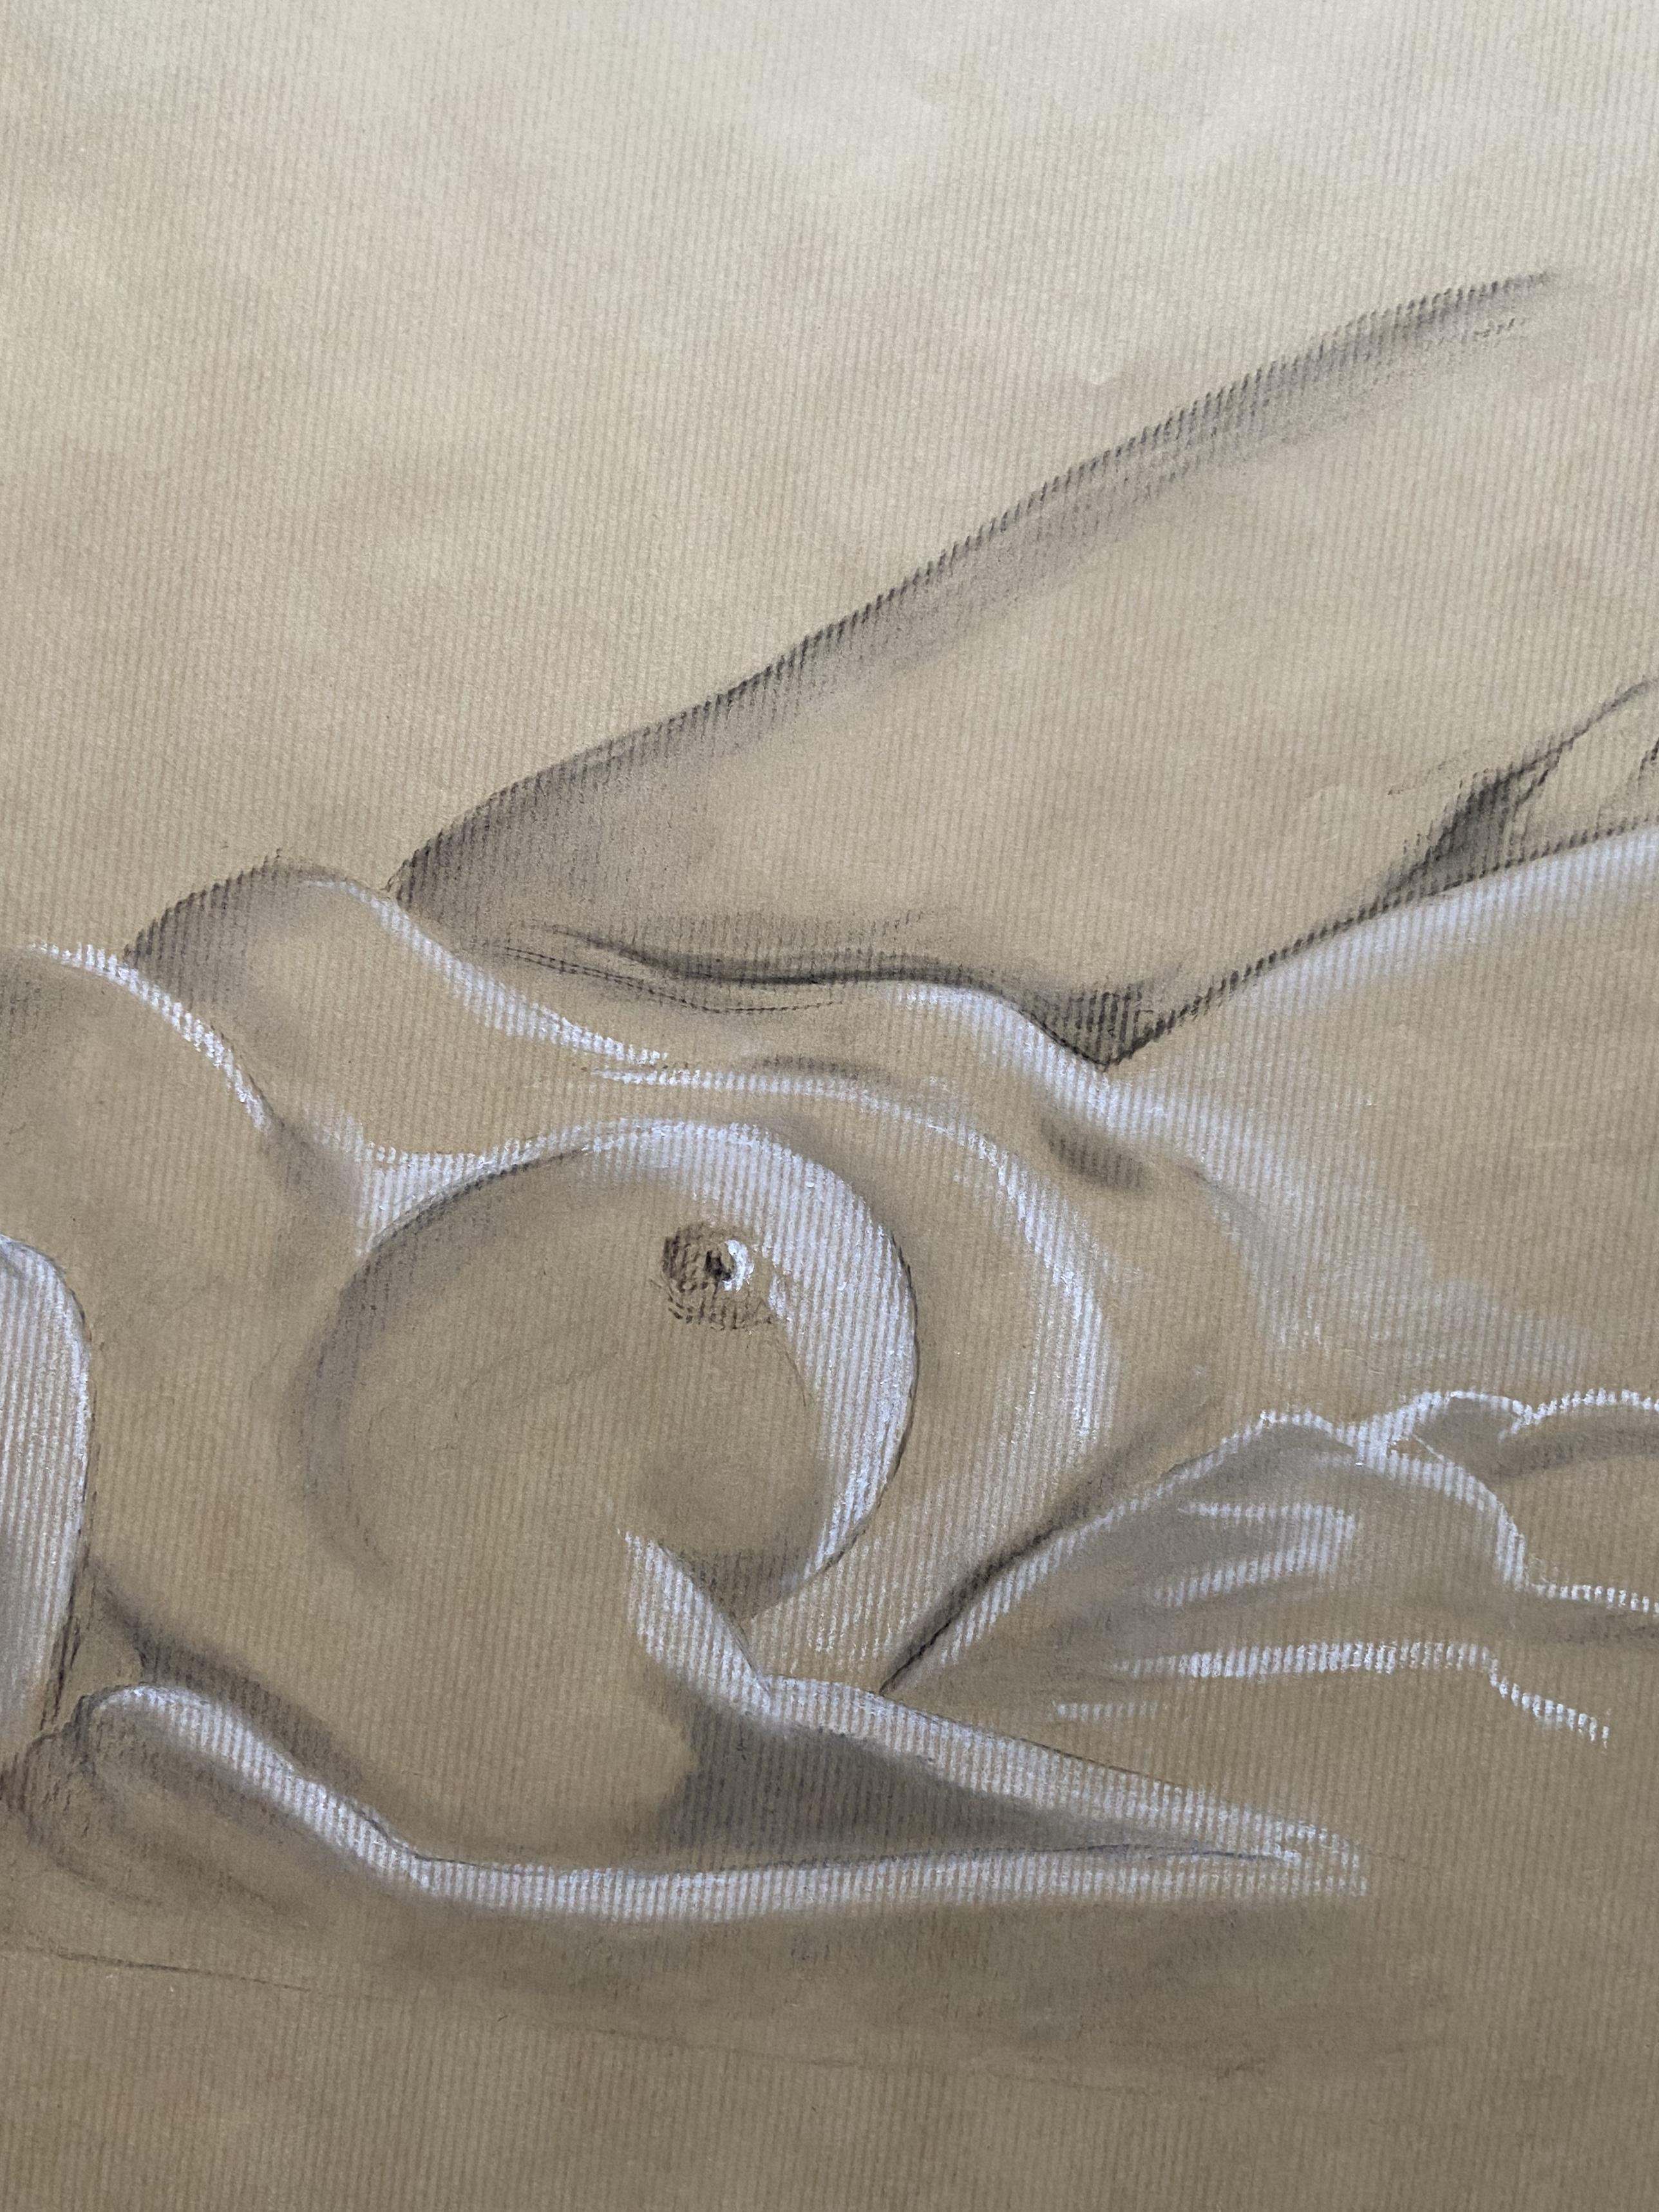 Dessin perspectives torse femme fusain craie blanche sur papier Kraft  cours de dessin